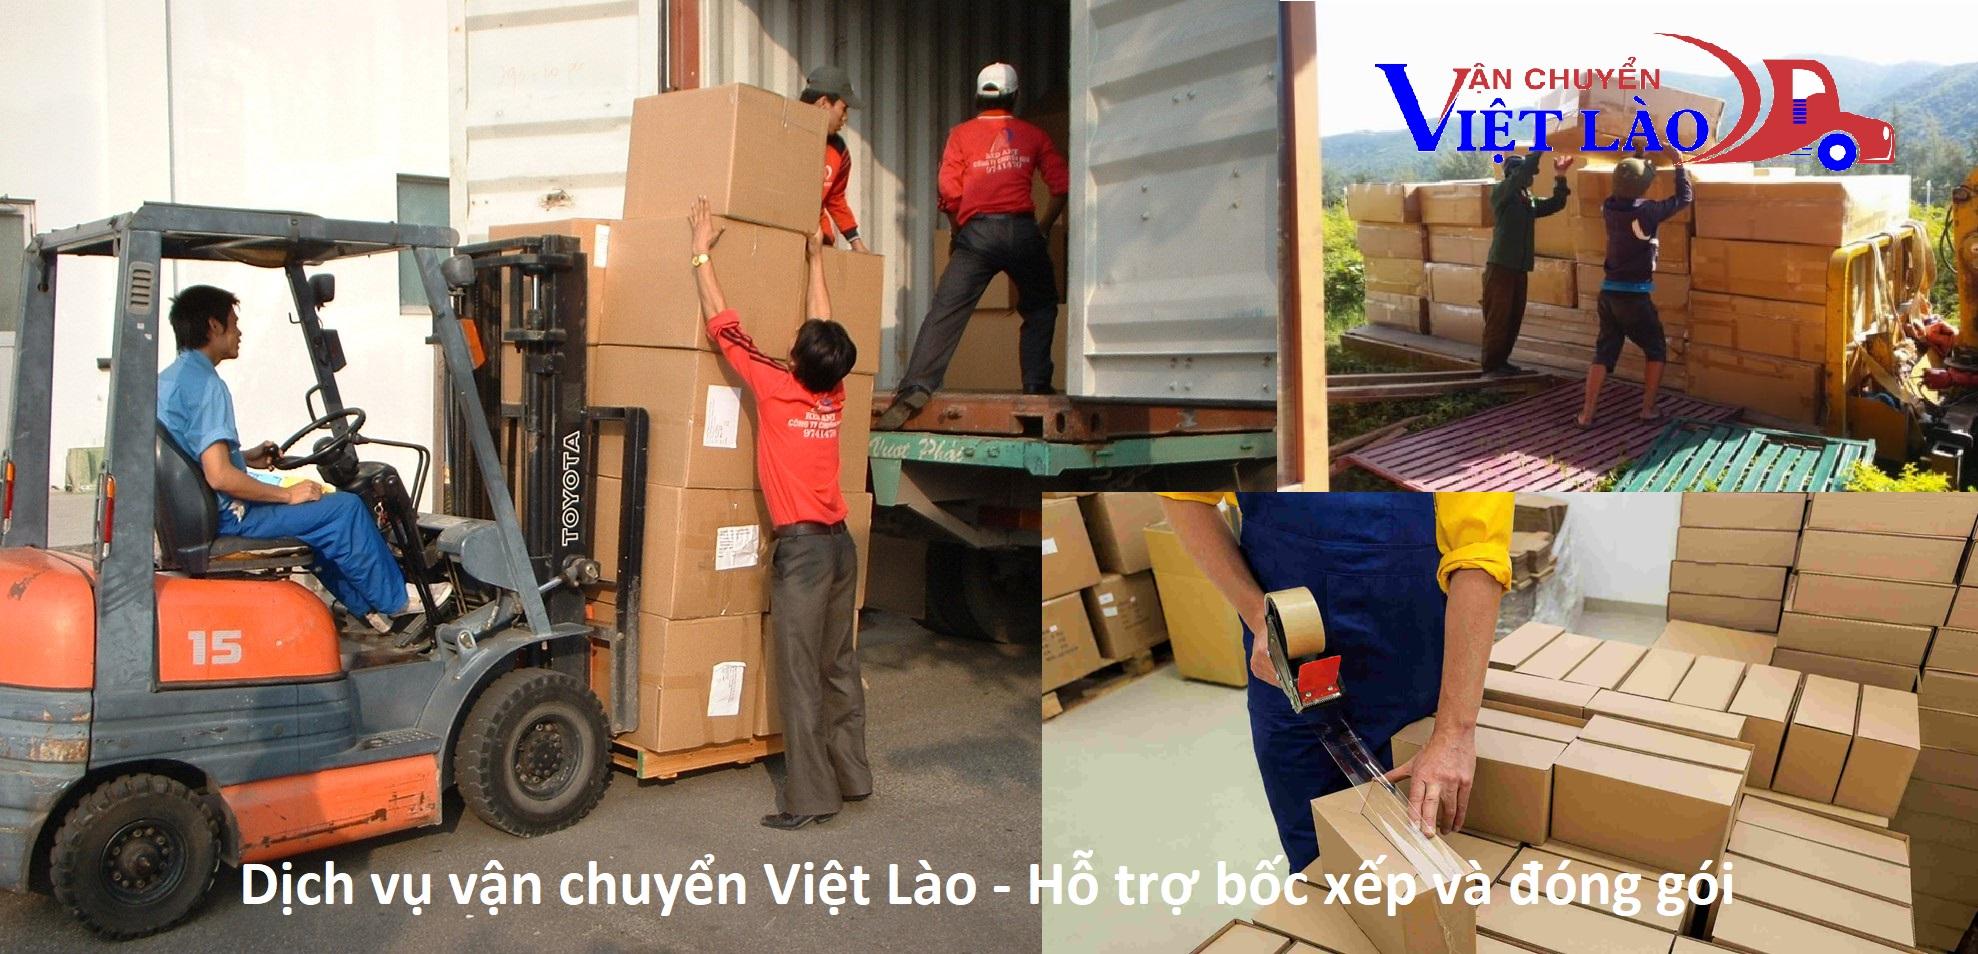 Hỗ trợ bốc xếp, đóng gói hàng hóa đi Lào